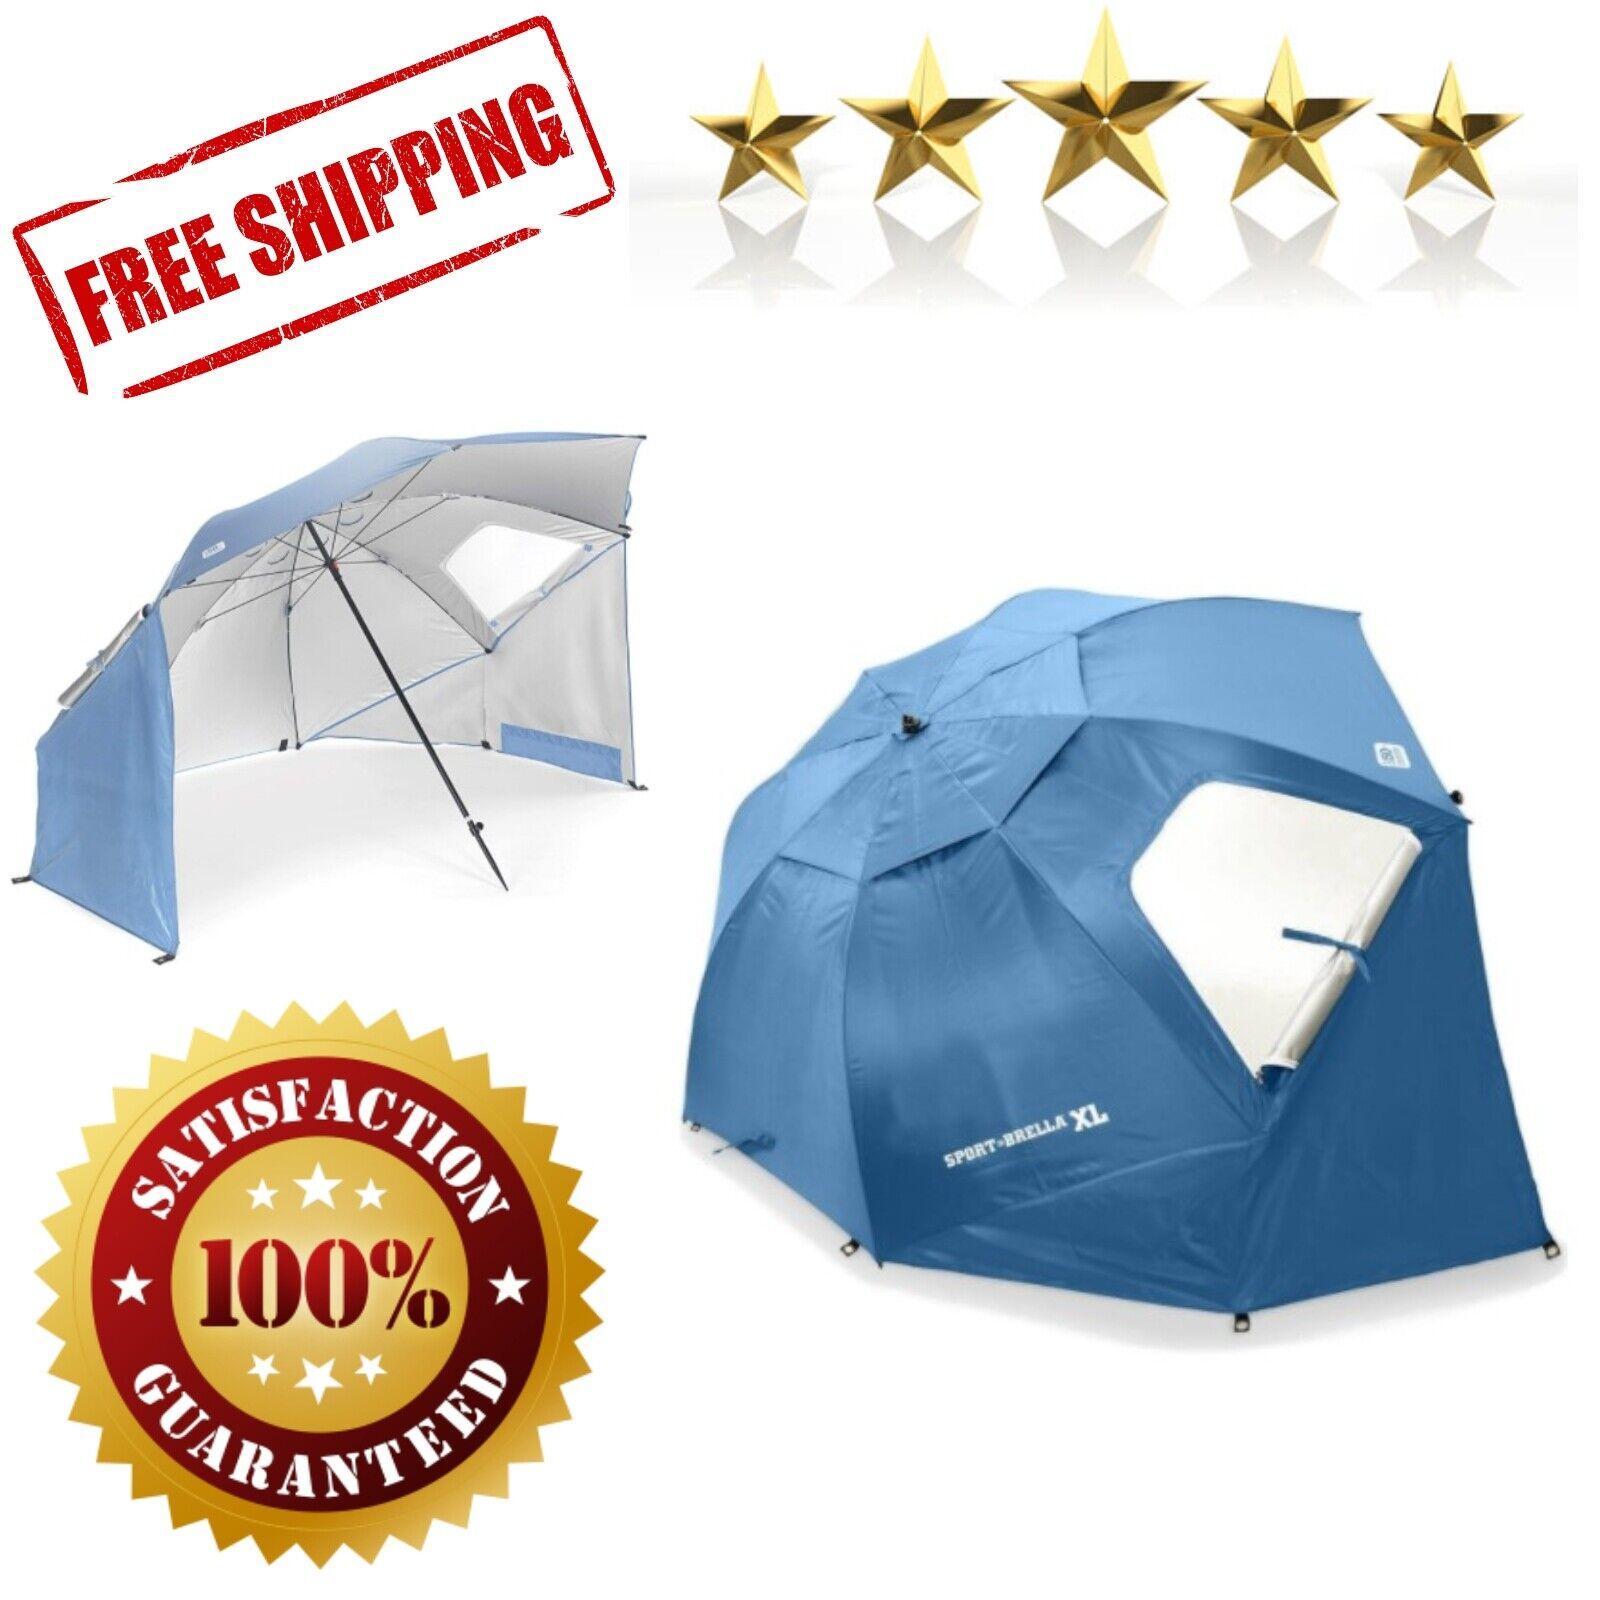 Sport-Brella XL Vented SPF 50 Sun and Rain Canopy Umbrella for Beach and Sports